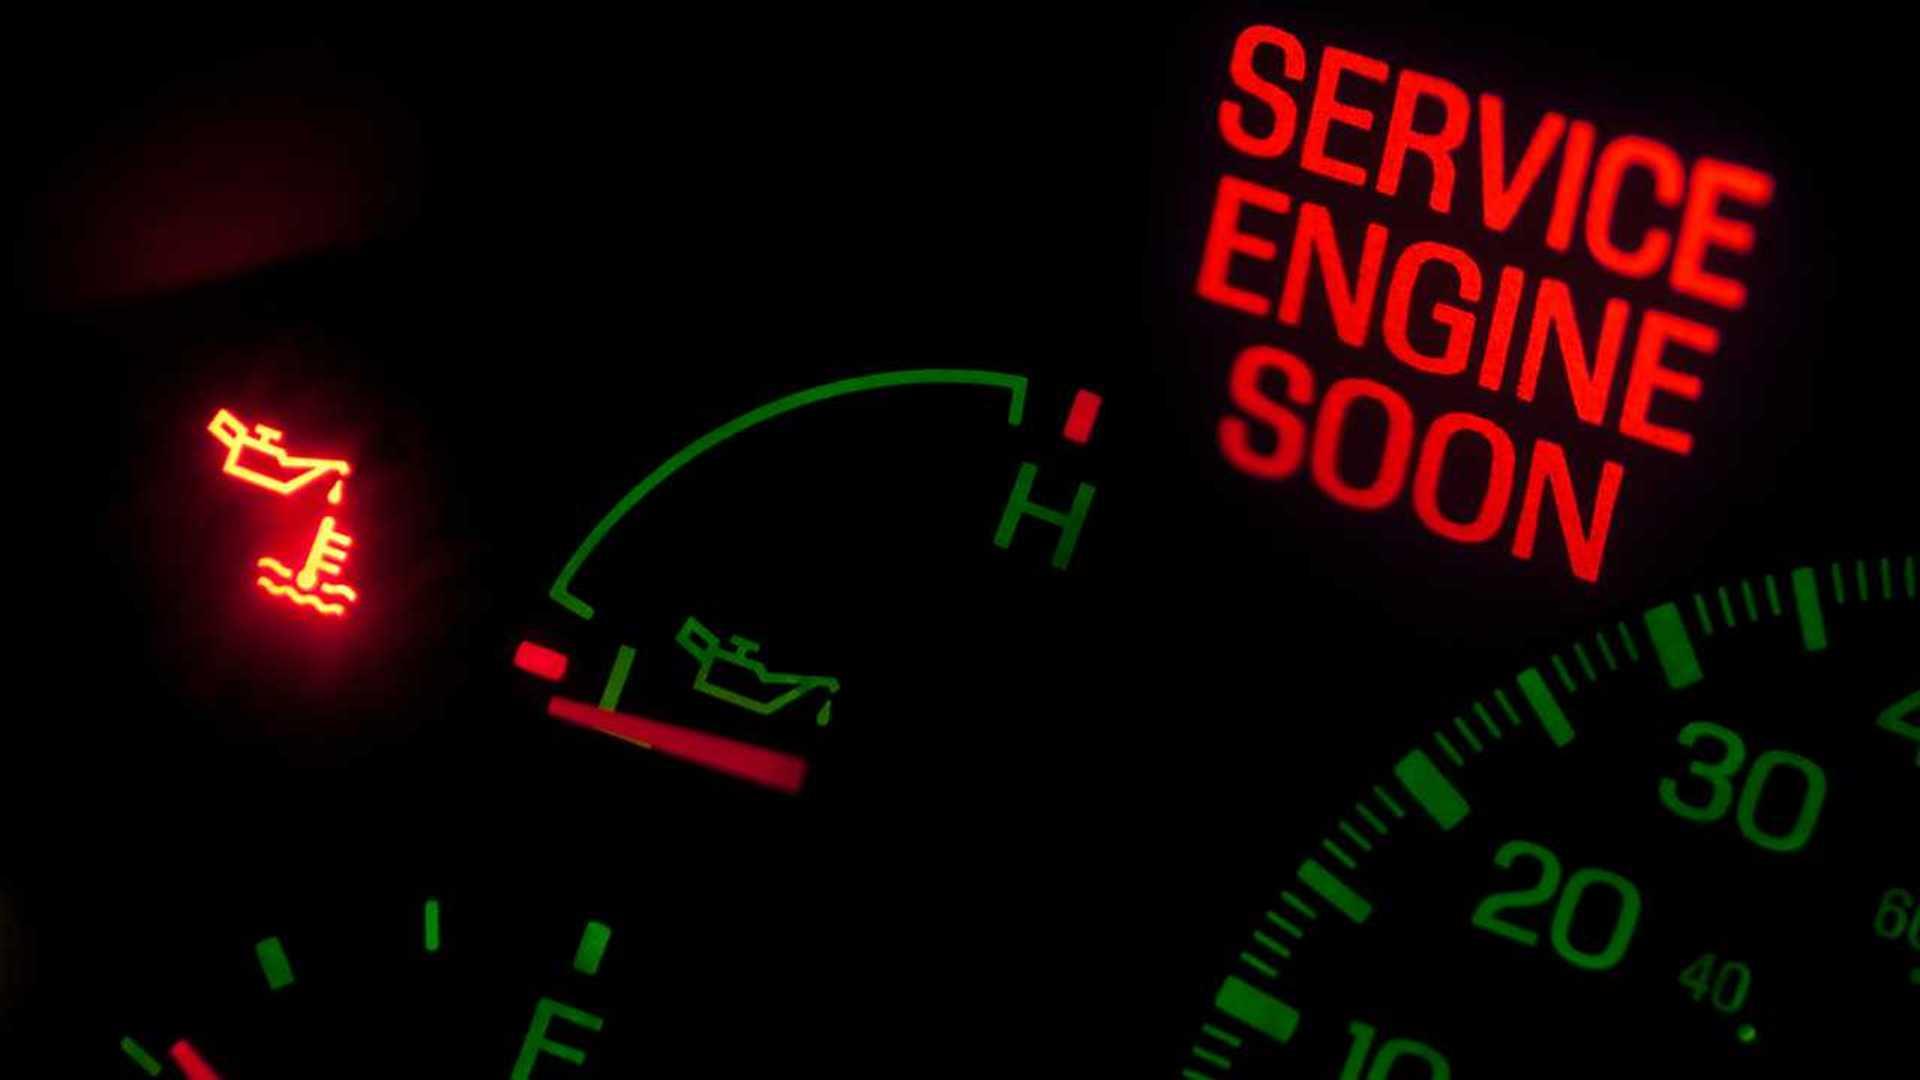 Исследование показало, что проверка двигателя не является приоритетом для владельцев автомобилей